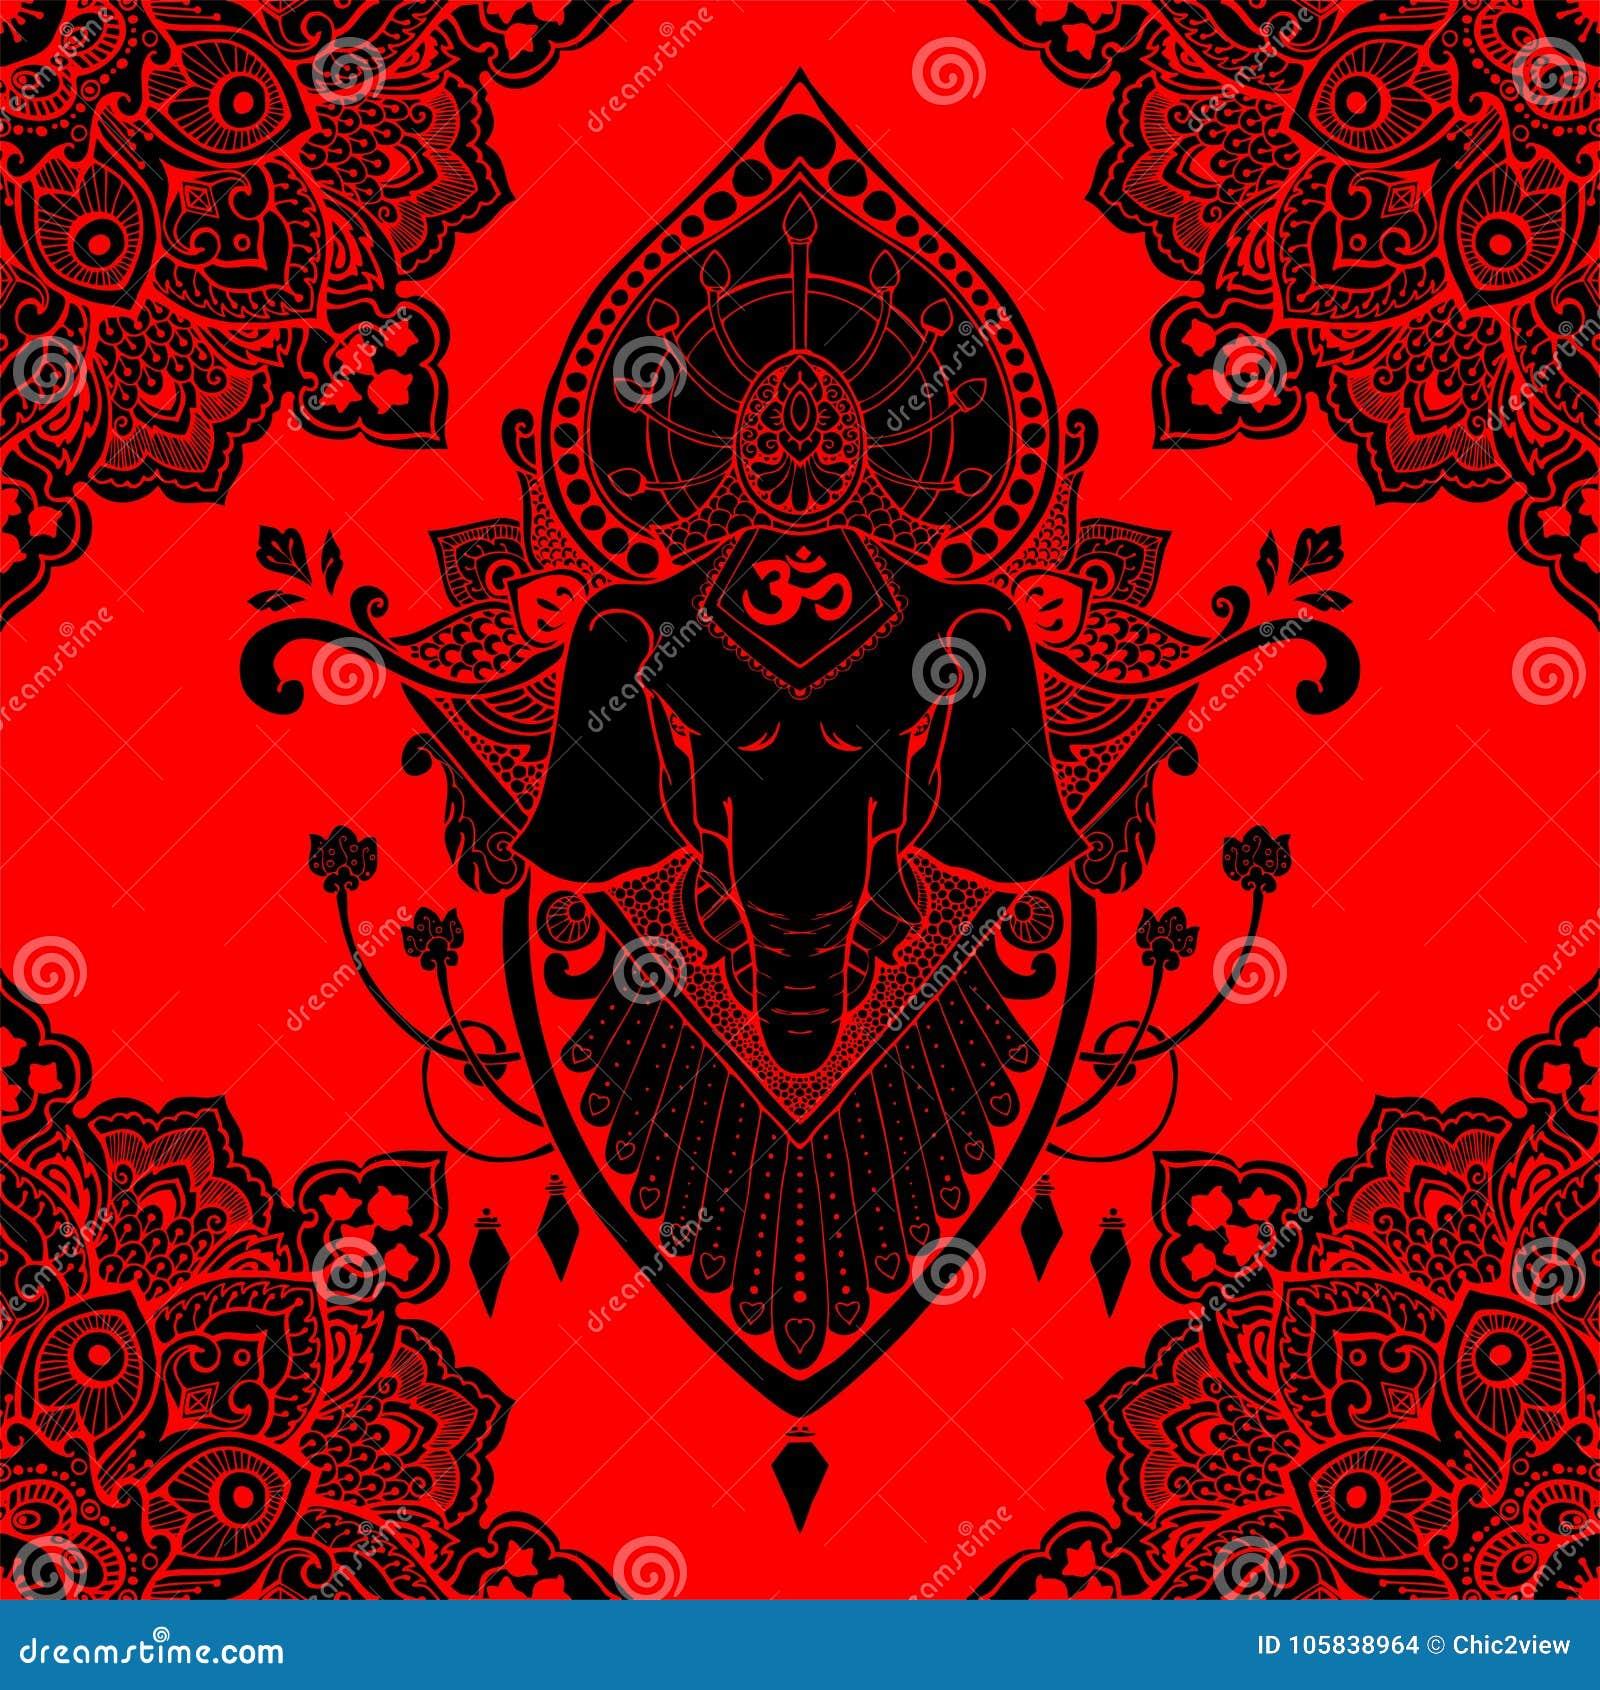 Da Ilustracao Oriental Da Tatuagem Do Desenho Da Mandala De